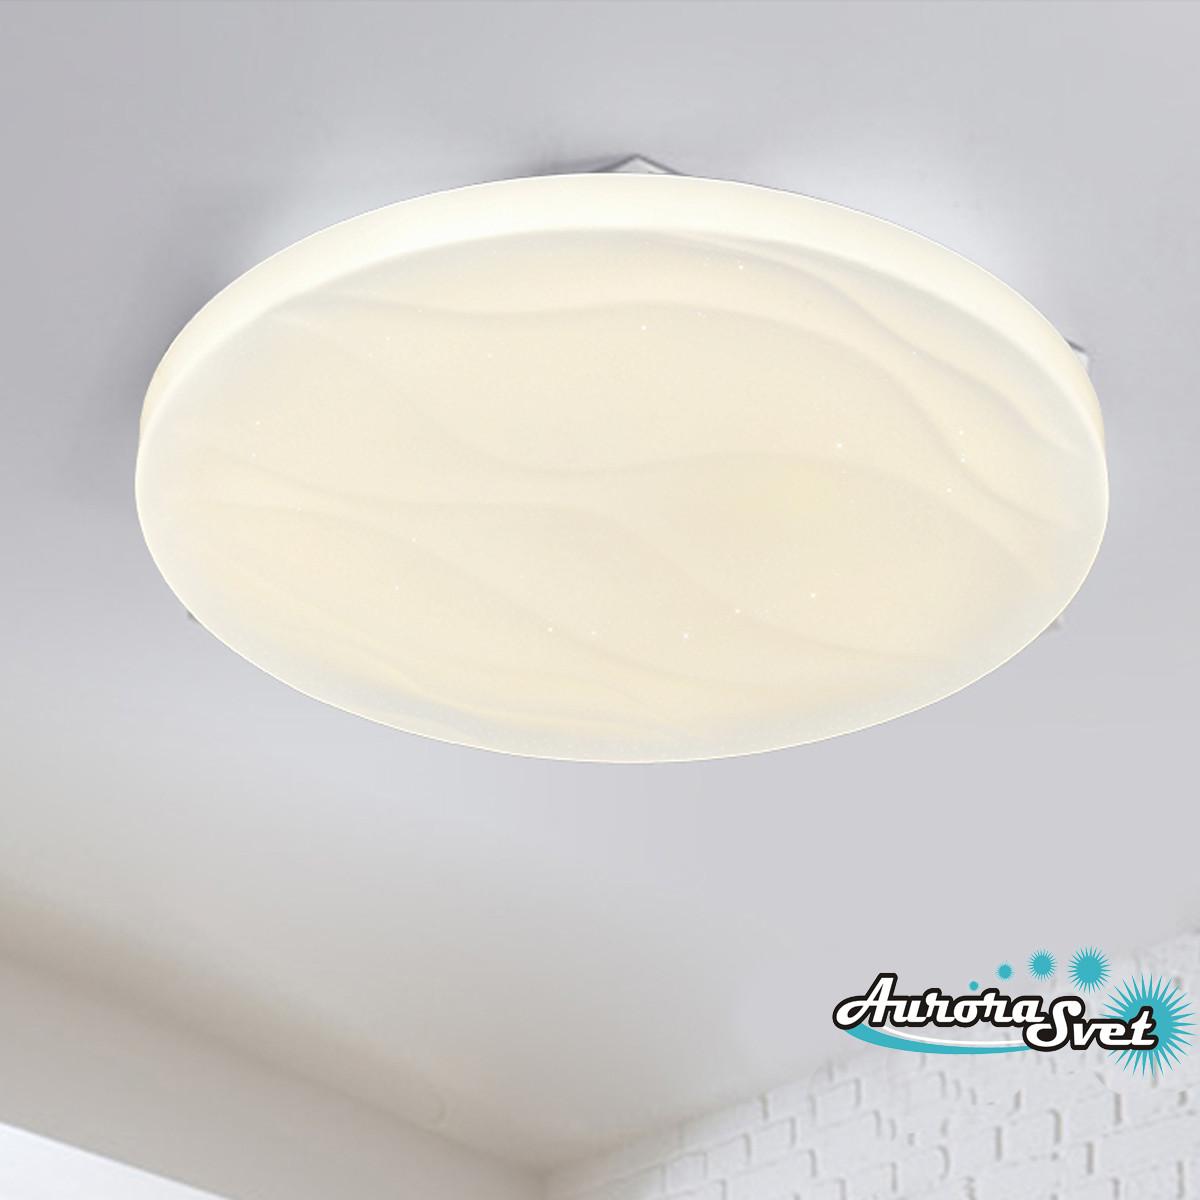 Люстра подвесная AuroraSvet 031. LED светильник люстра. Светодиодный светильник люстра.